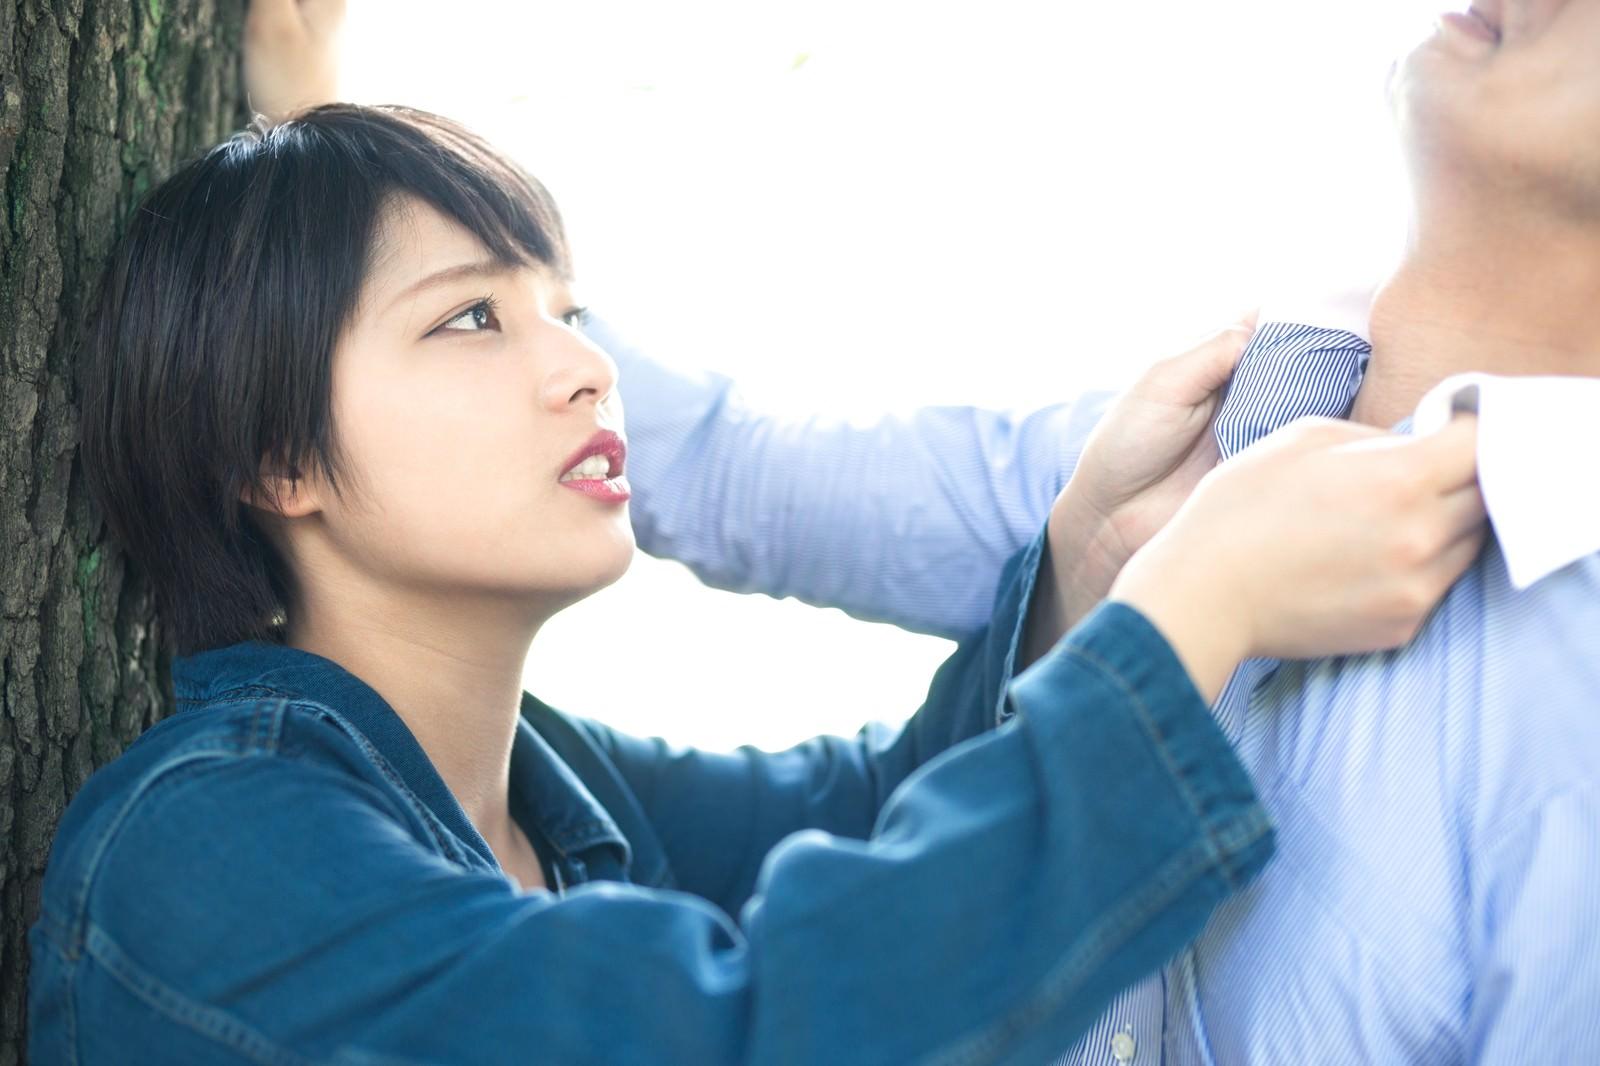 「「アンタ、浮気したでしょ!?」と彼氏を激しく詰める彼女」の写真[モデル:モデルヒロ 大川竜弥]